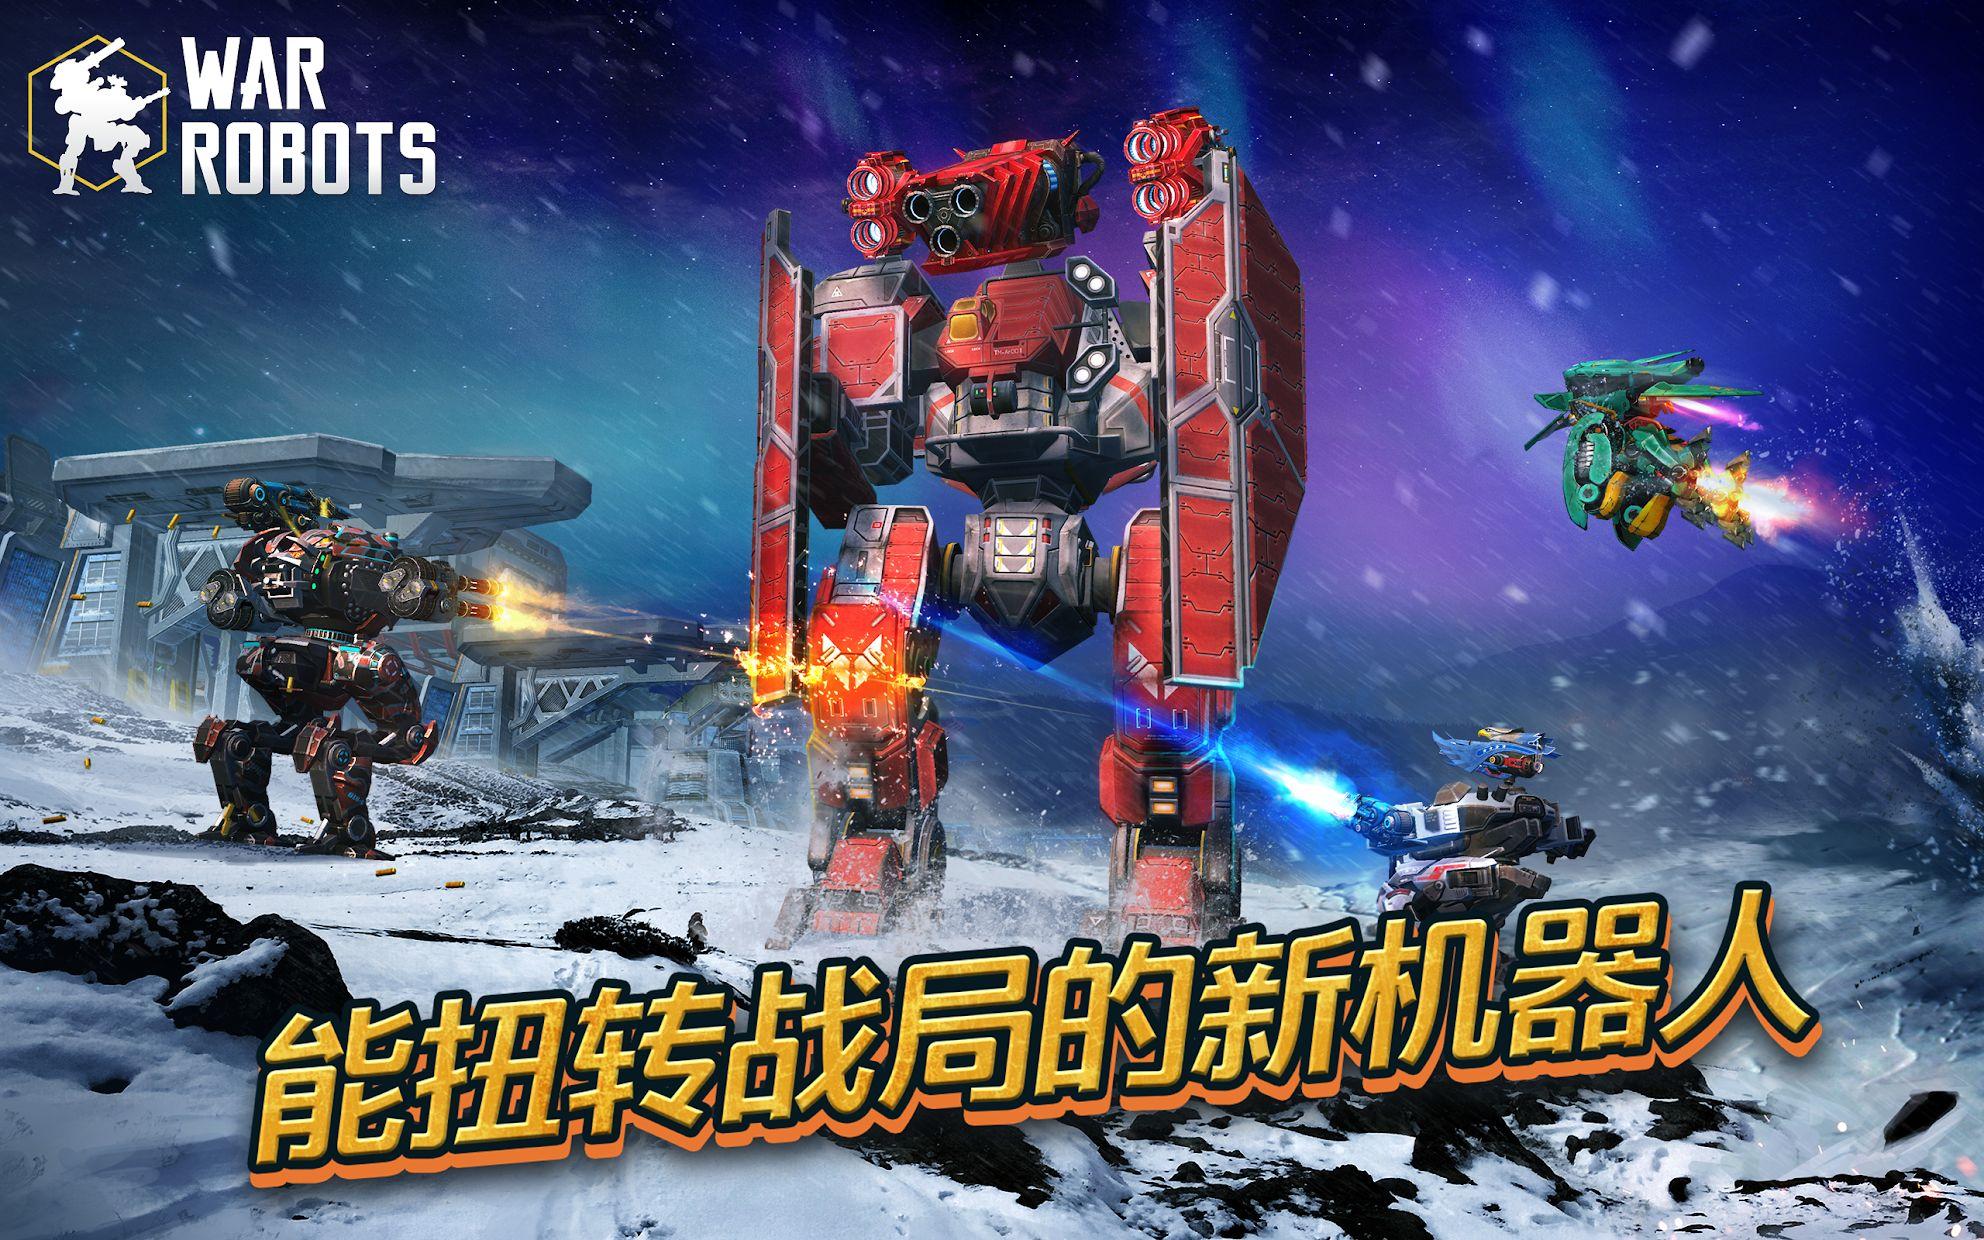 机甲战队《机器人战争 War Robots》 游戏截图1